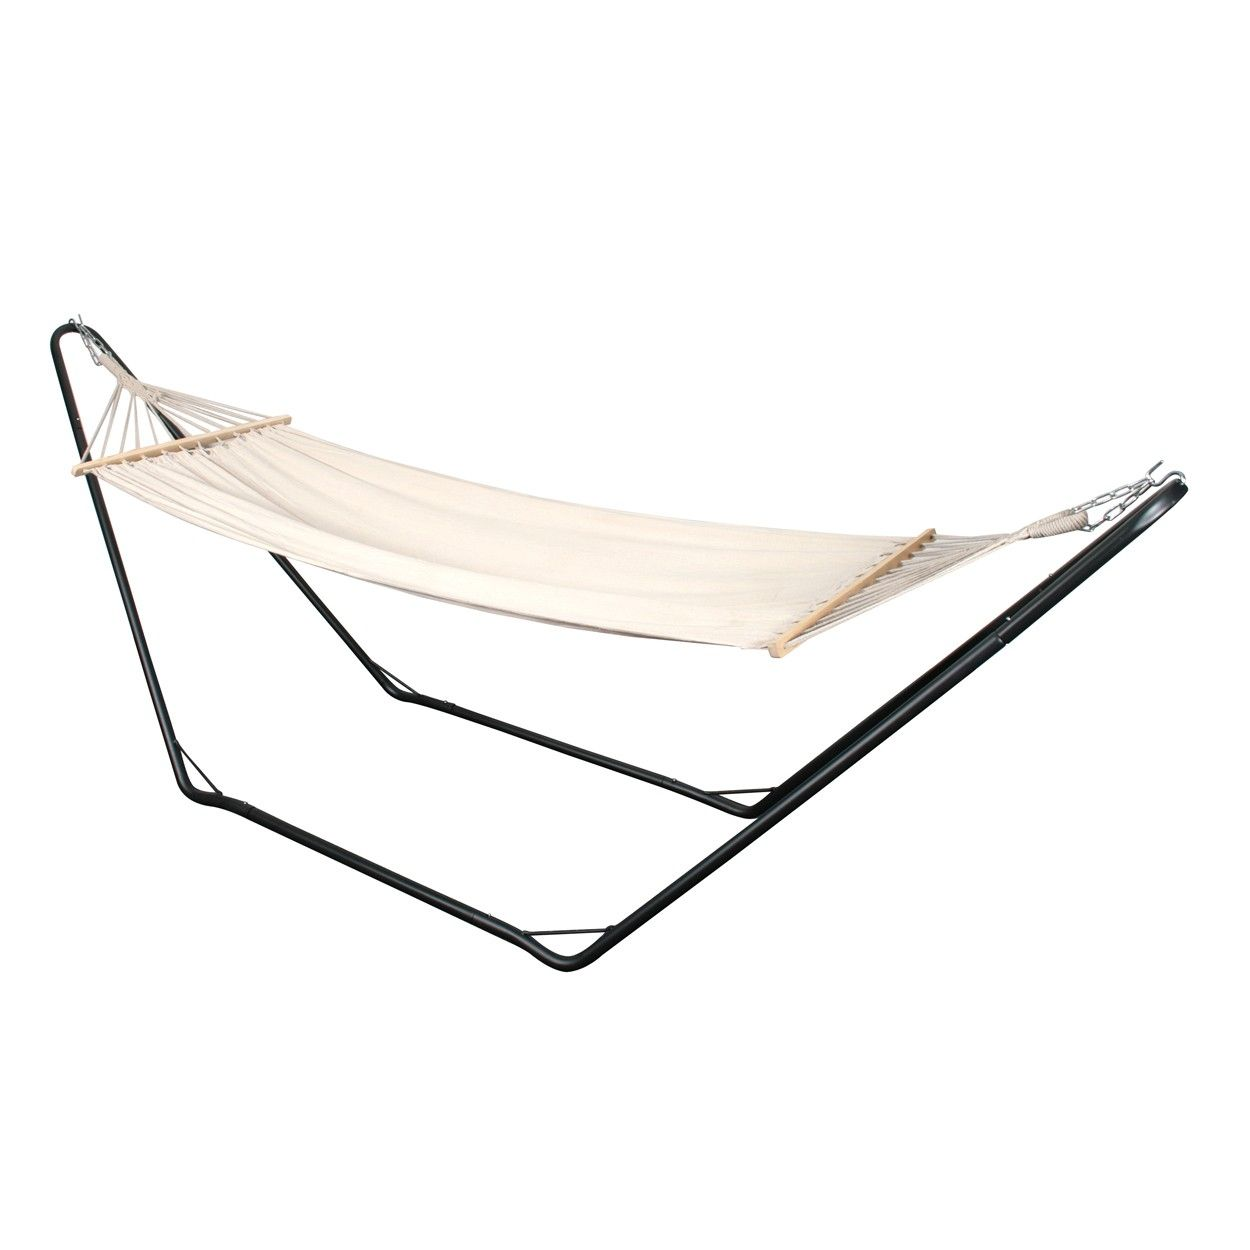 Hangmat 300 Cm.Hangmat Standaard Ibiza 300 Cm Stuff To Buy Ibiza